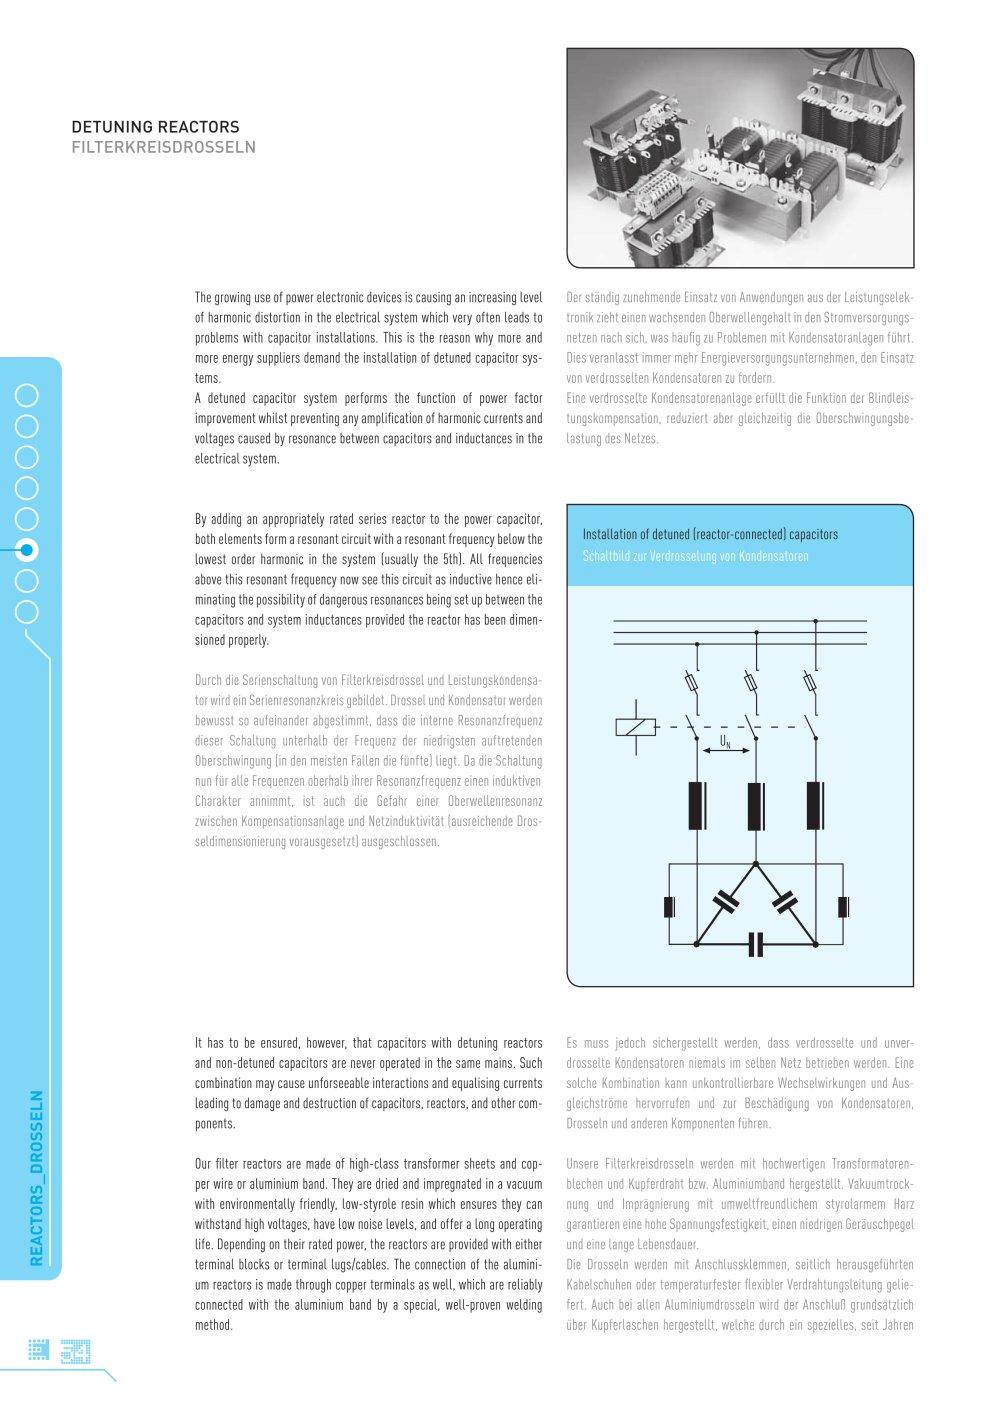 Detuned Reactors FKDr - ELECTRONICON Kondensatoren GmbH - PDF ...